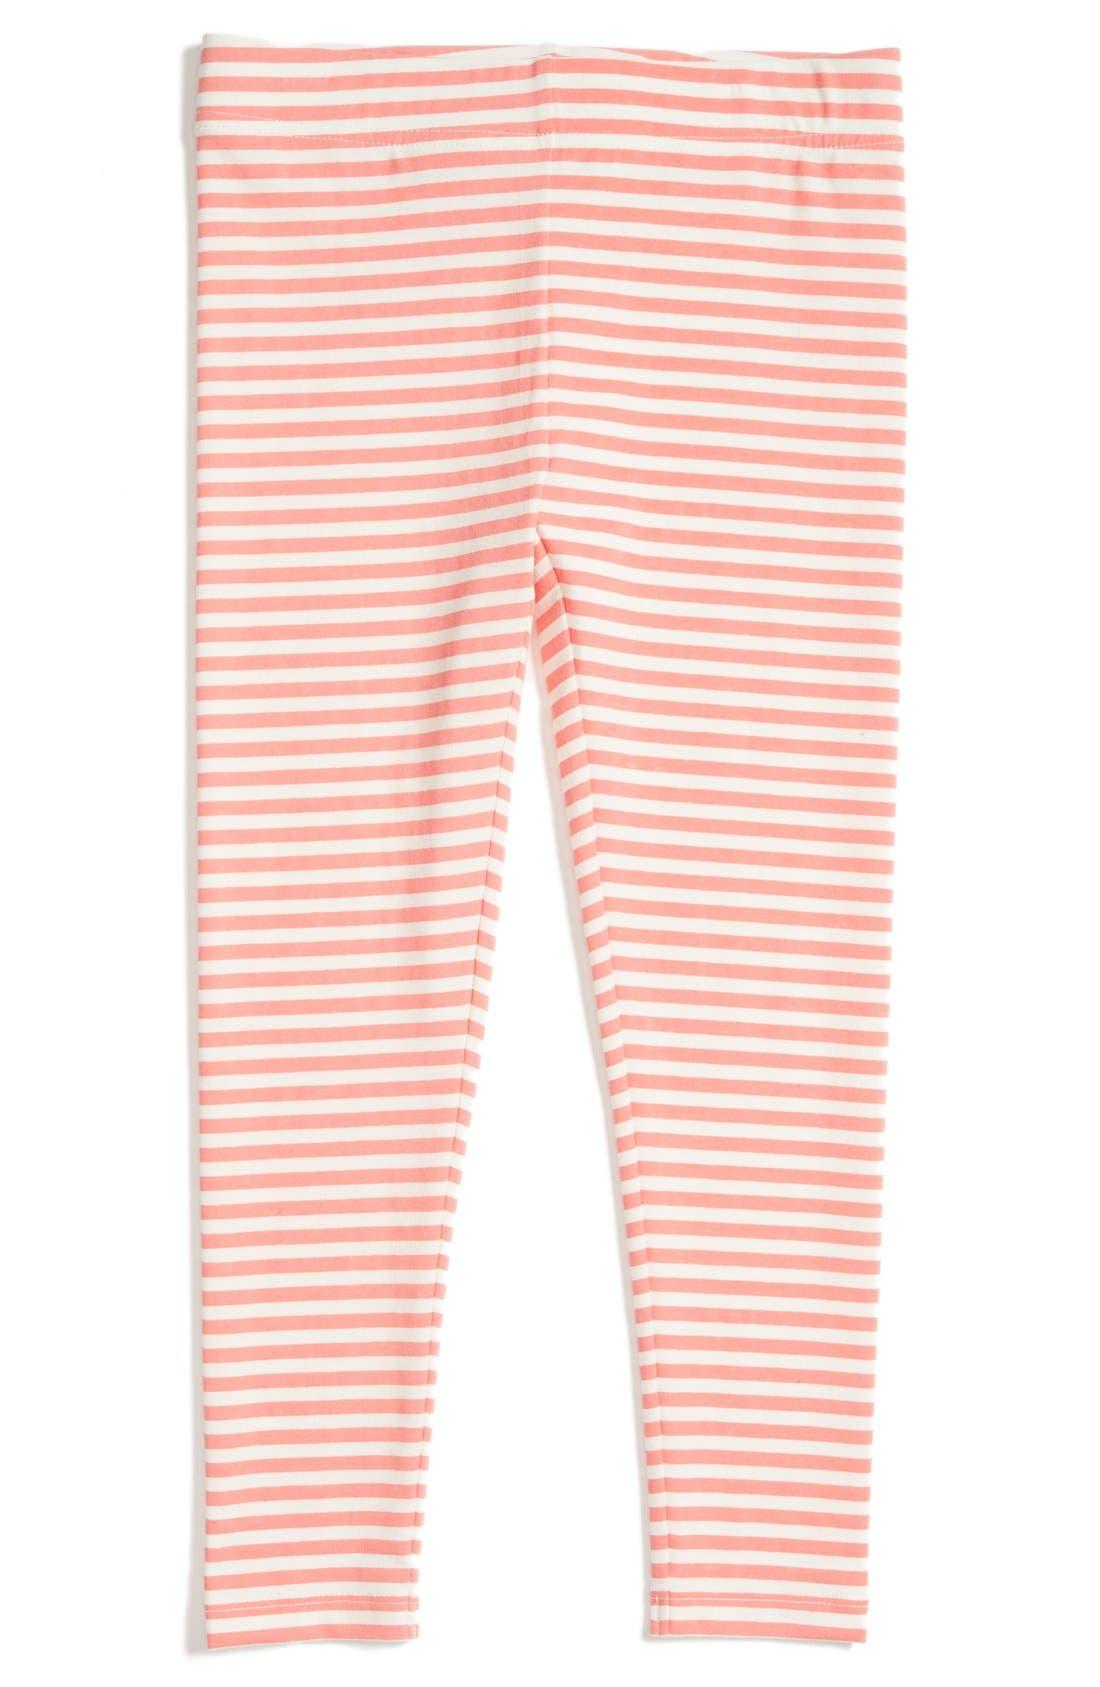 Alternate Image 1 Selected - Tucker + Tate 'Core' Striped Leggings (Little Girls)